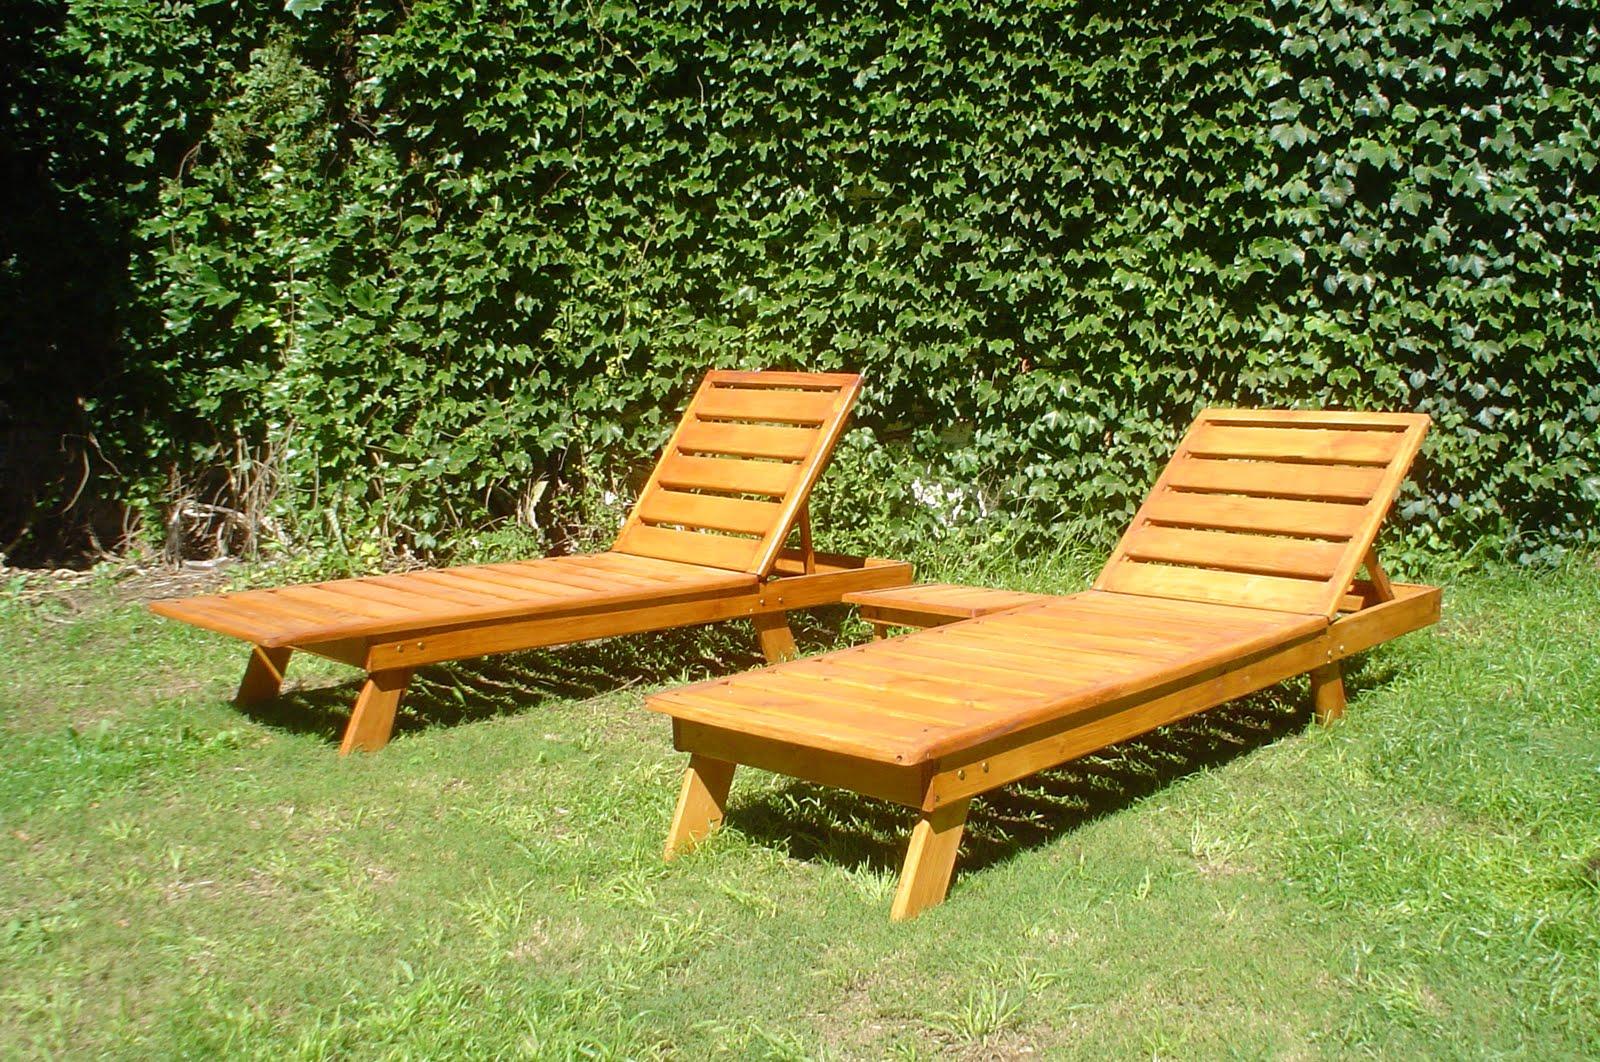 Trendy Imagenes De Muebles De Madera Para Jardin Muebles De Jardin Hacer  Bricolaje Es Facilisimo With Maderas Para Hacer Muebles.